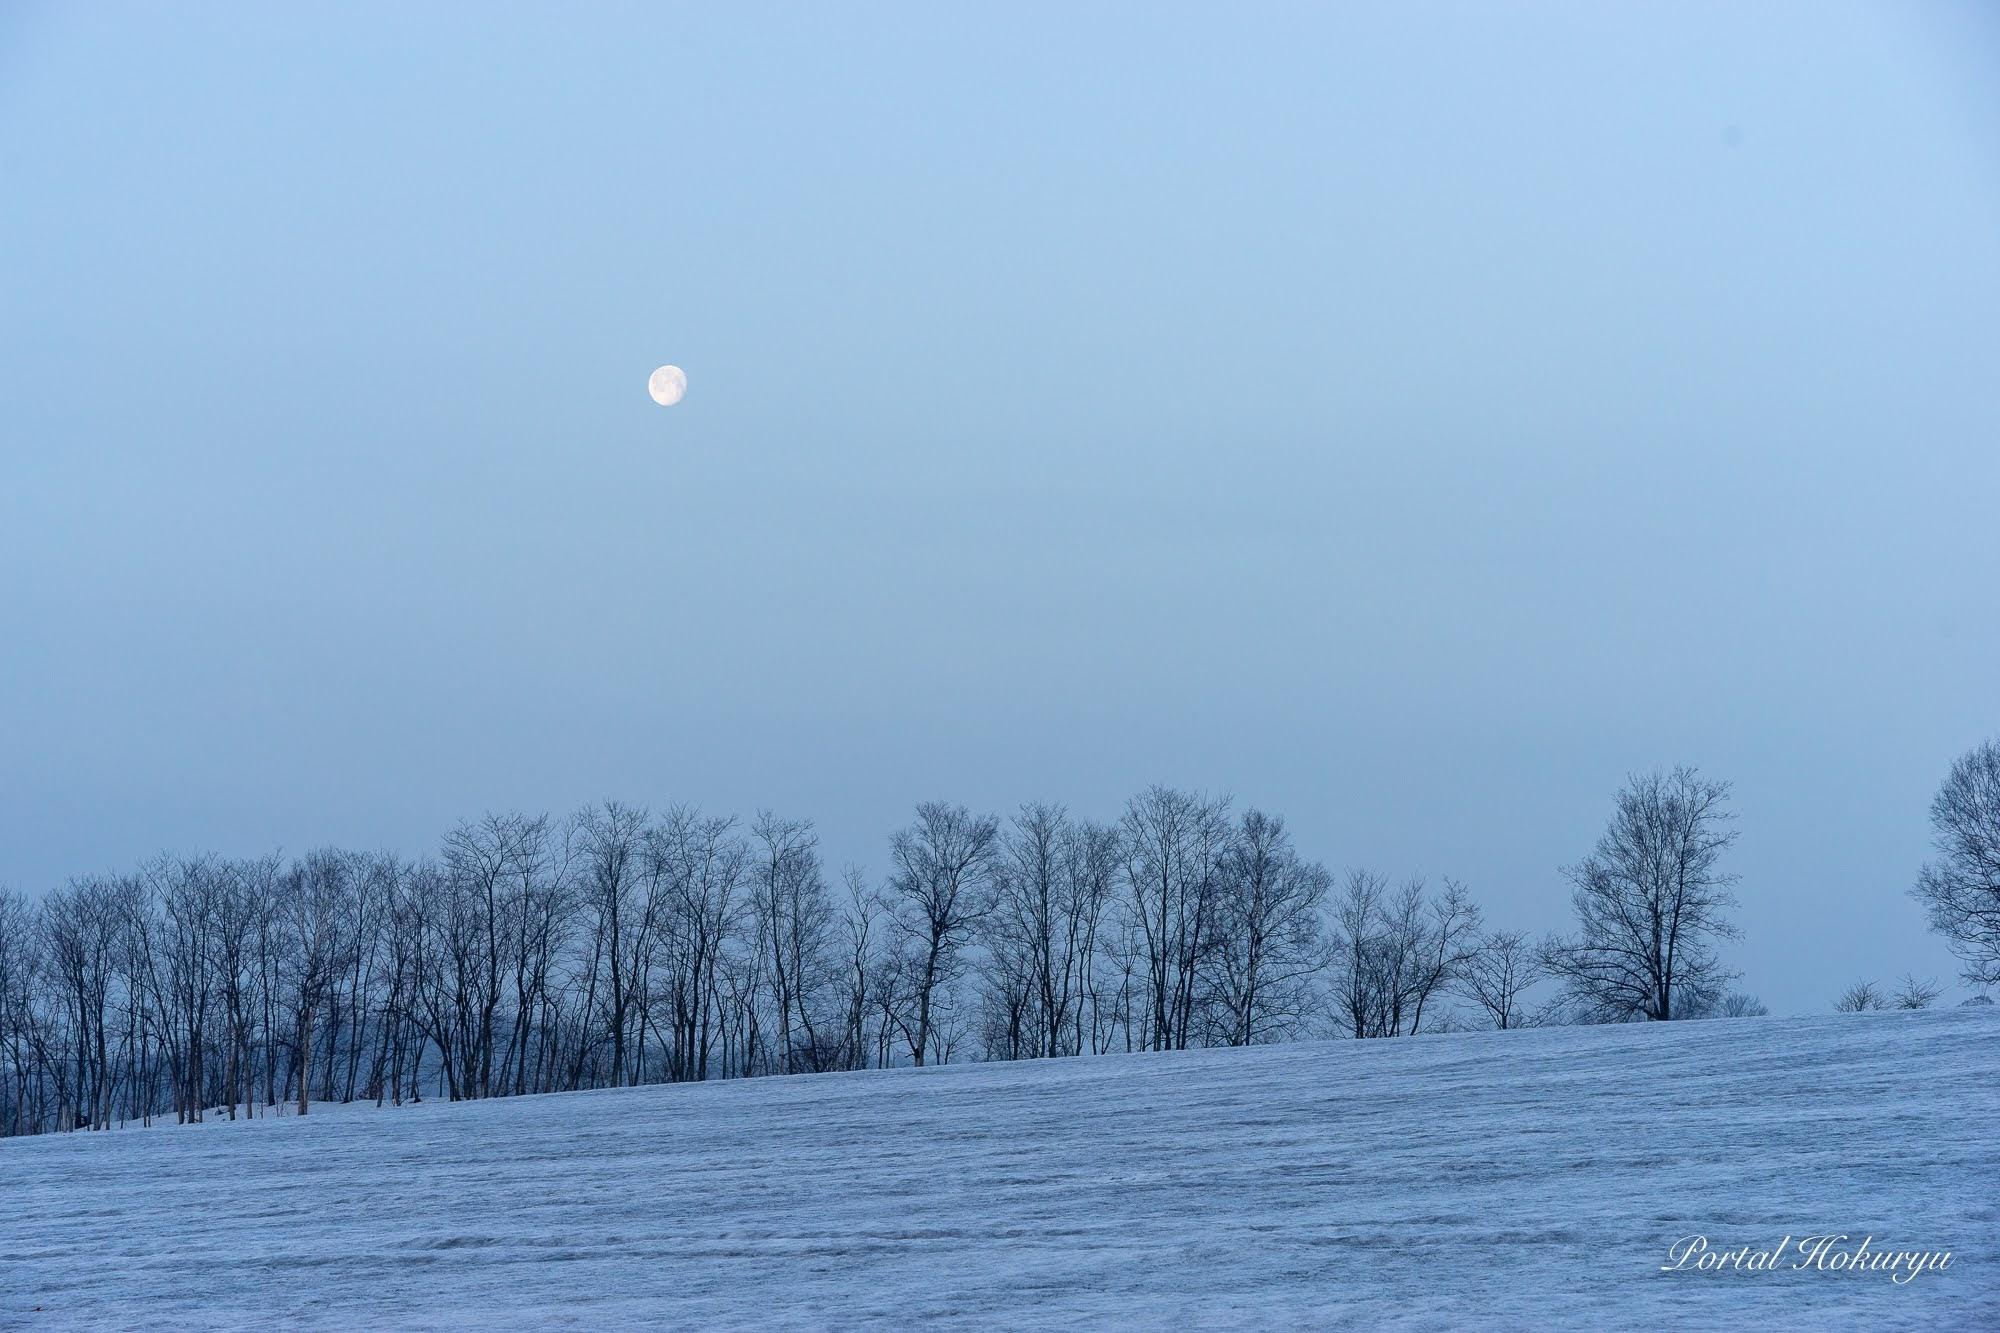 朝の白い月